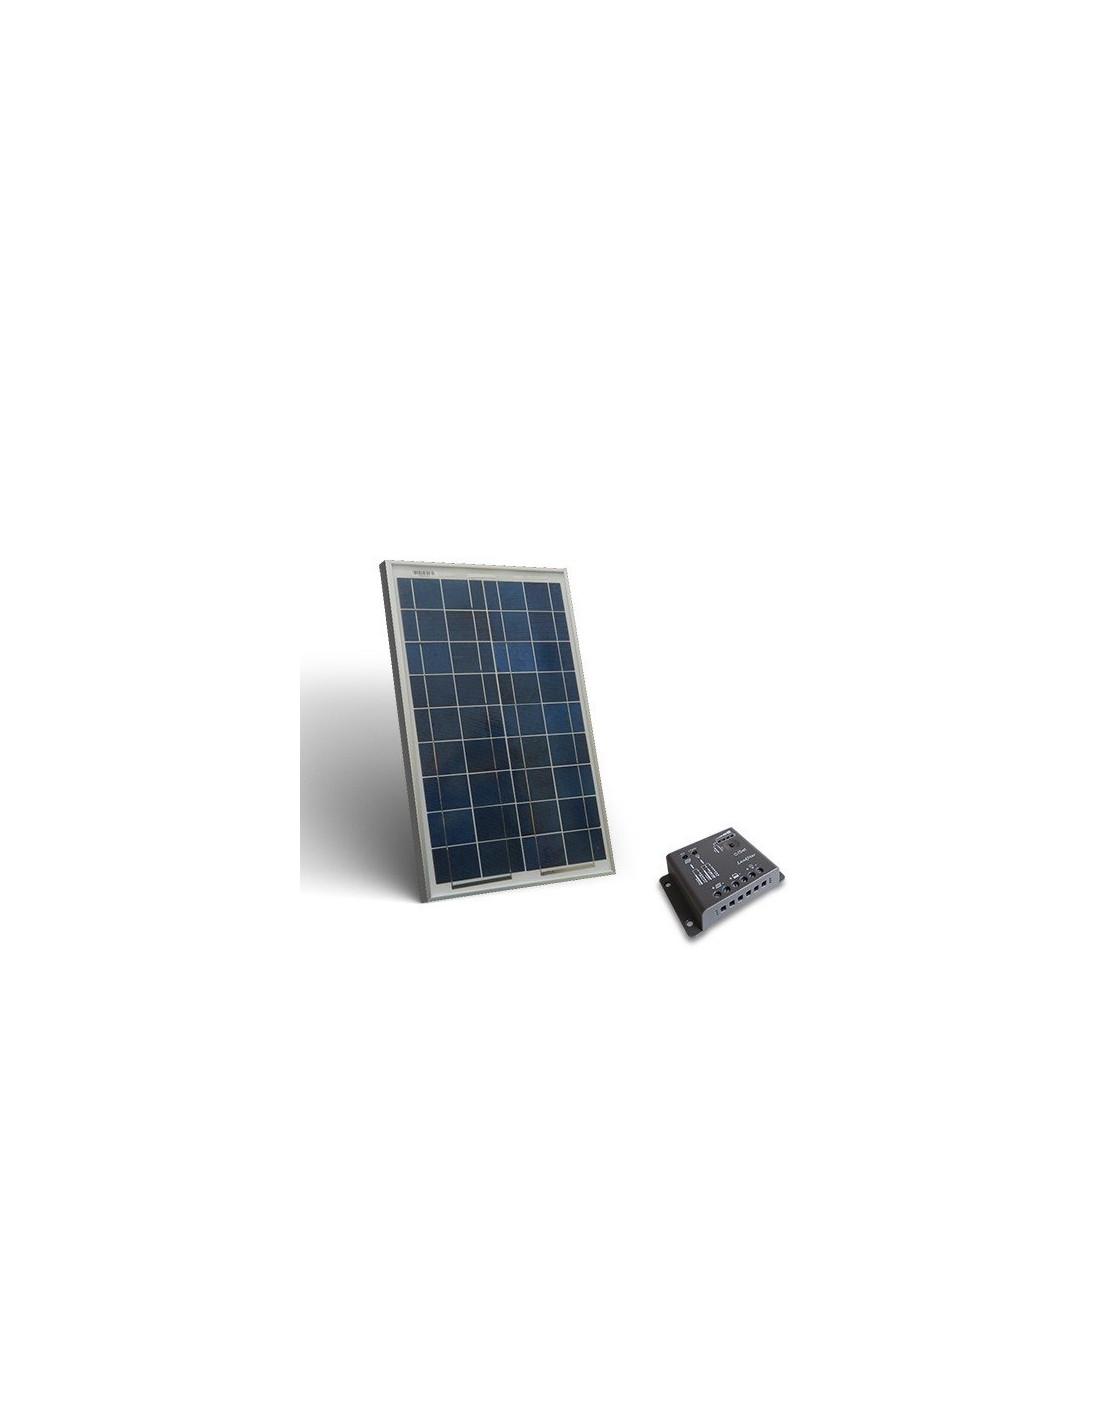 kit solaire 10w base panneau photovoltaique regulateur de charge. Black Bedroom Furniture Sets. Home Design Ideas